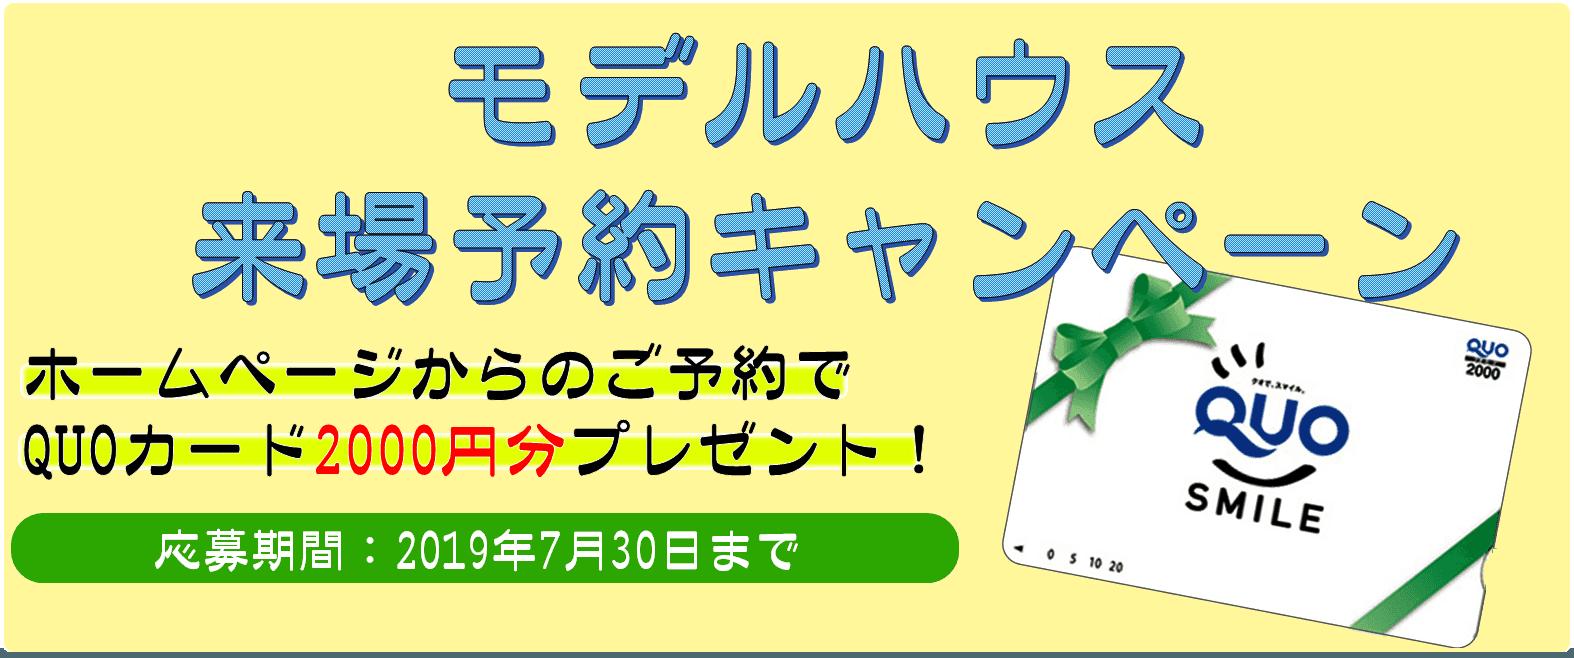 モデルハウス来場予約キャンペーン開催中!